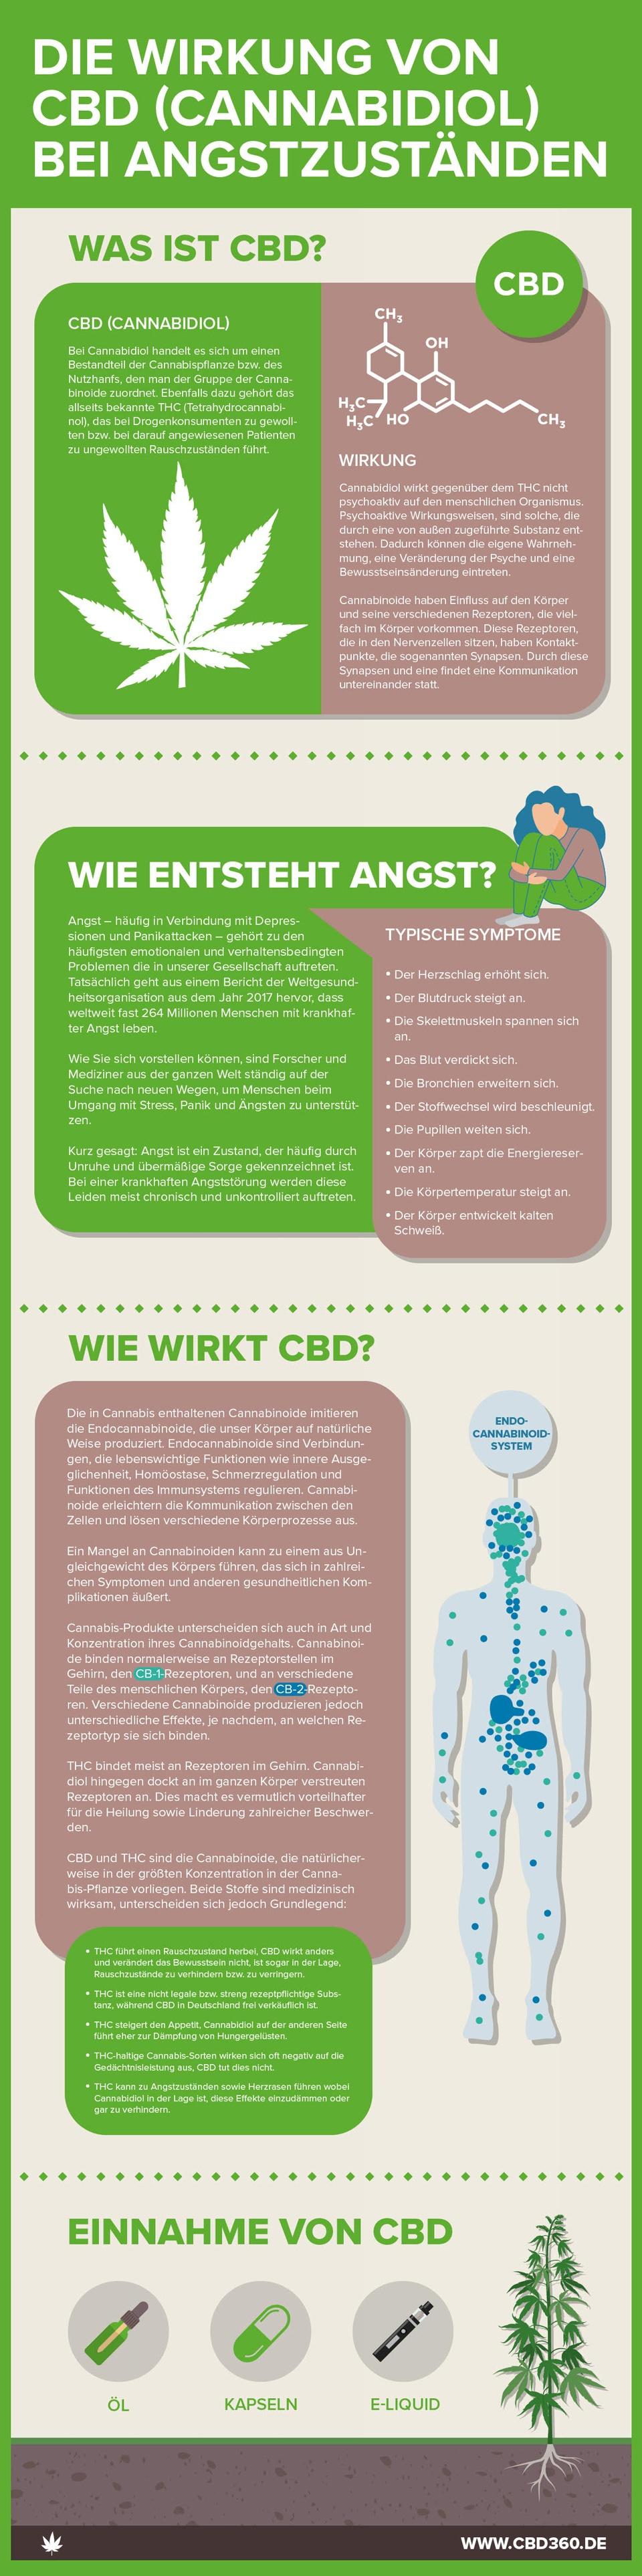 Infografik: Wie CBD bei Angststörungen hilft